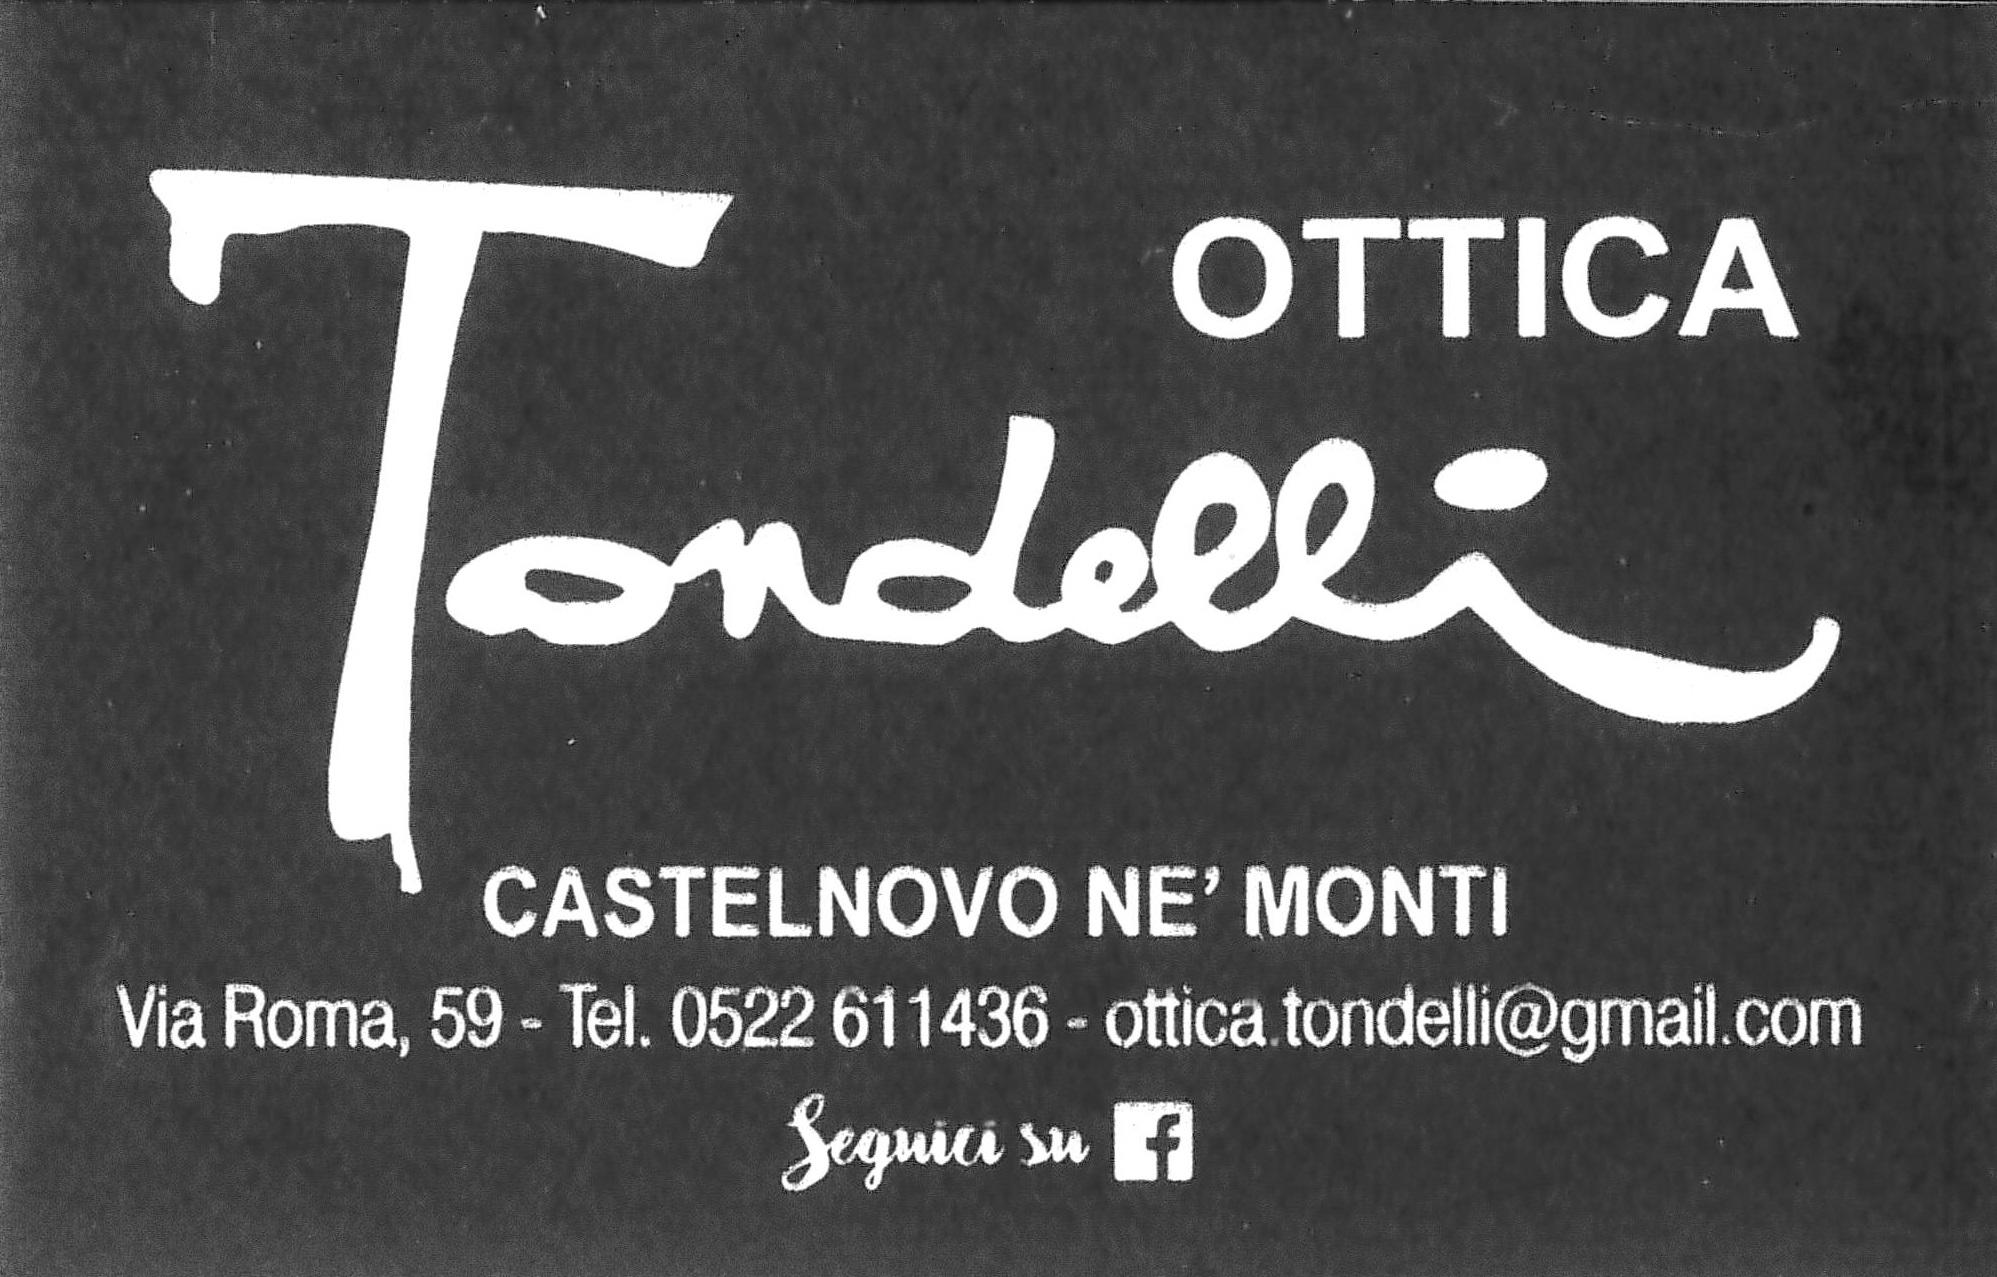 OTTICA TONDELLI